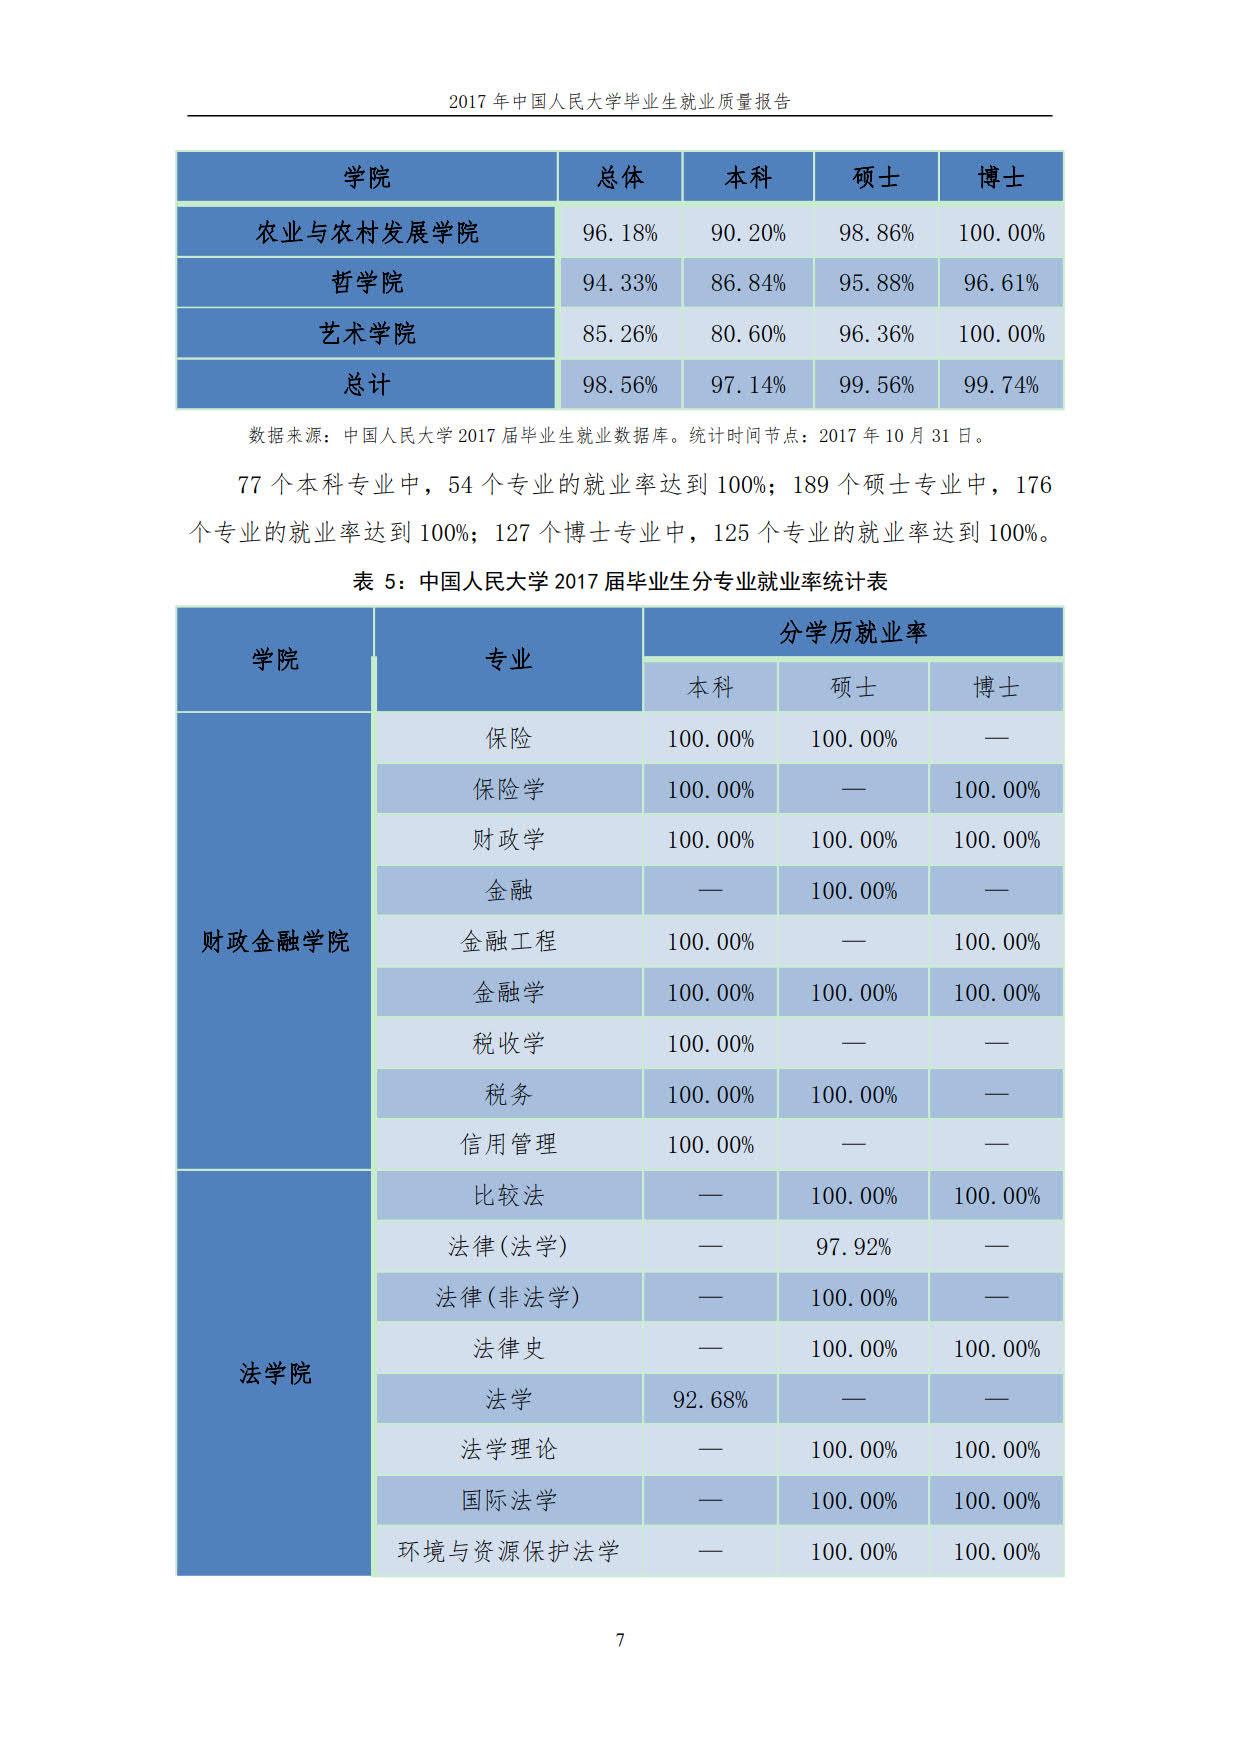 中国人民大学2017届本科毕业生最终就业情况统计表